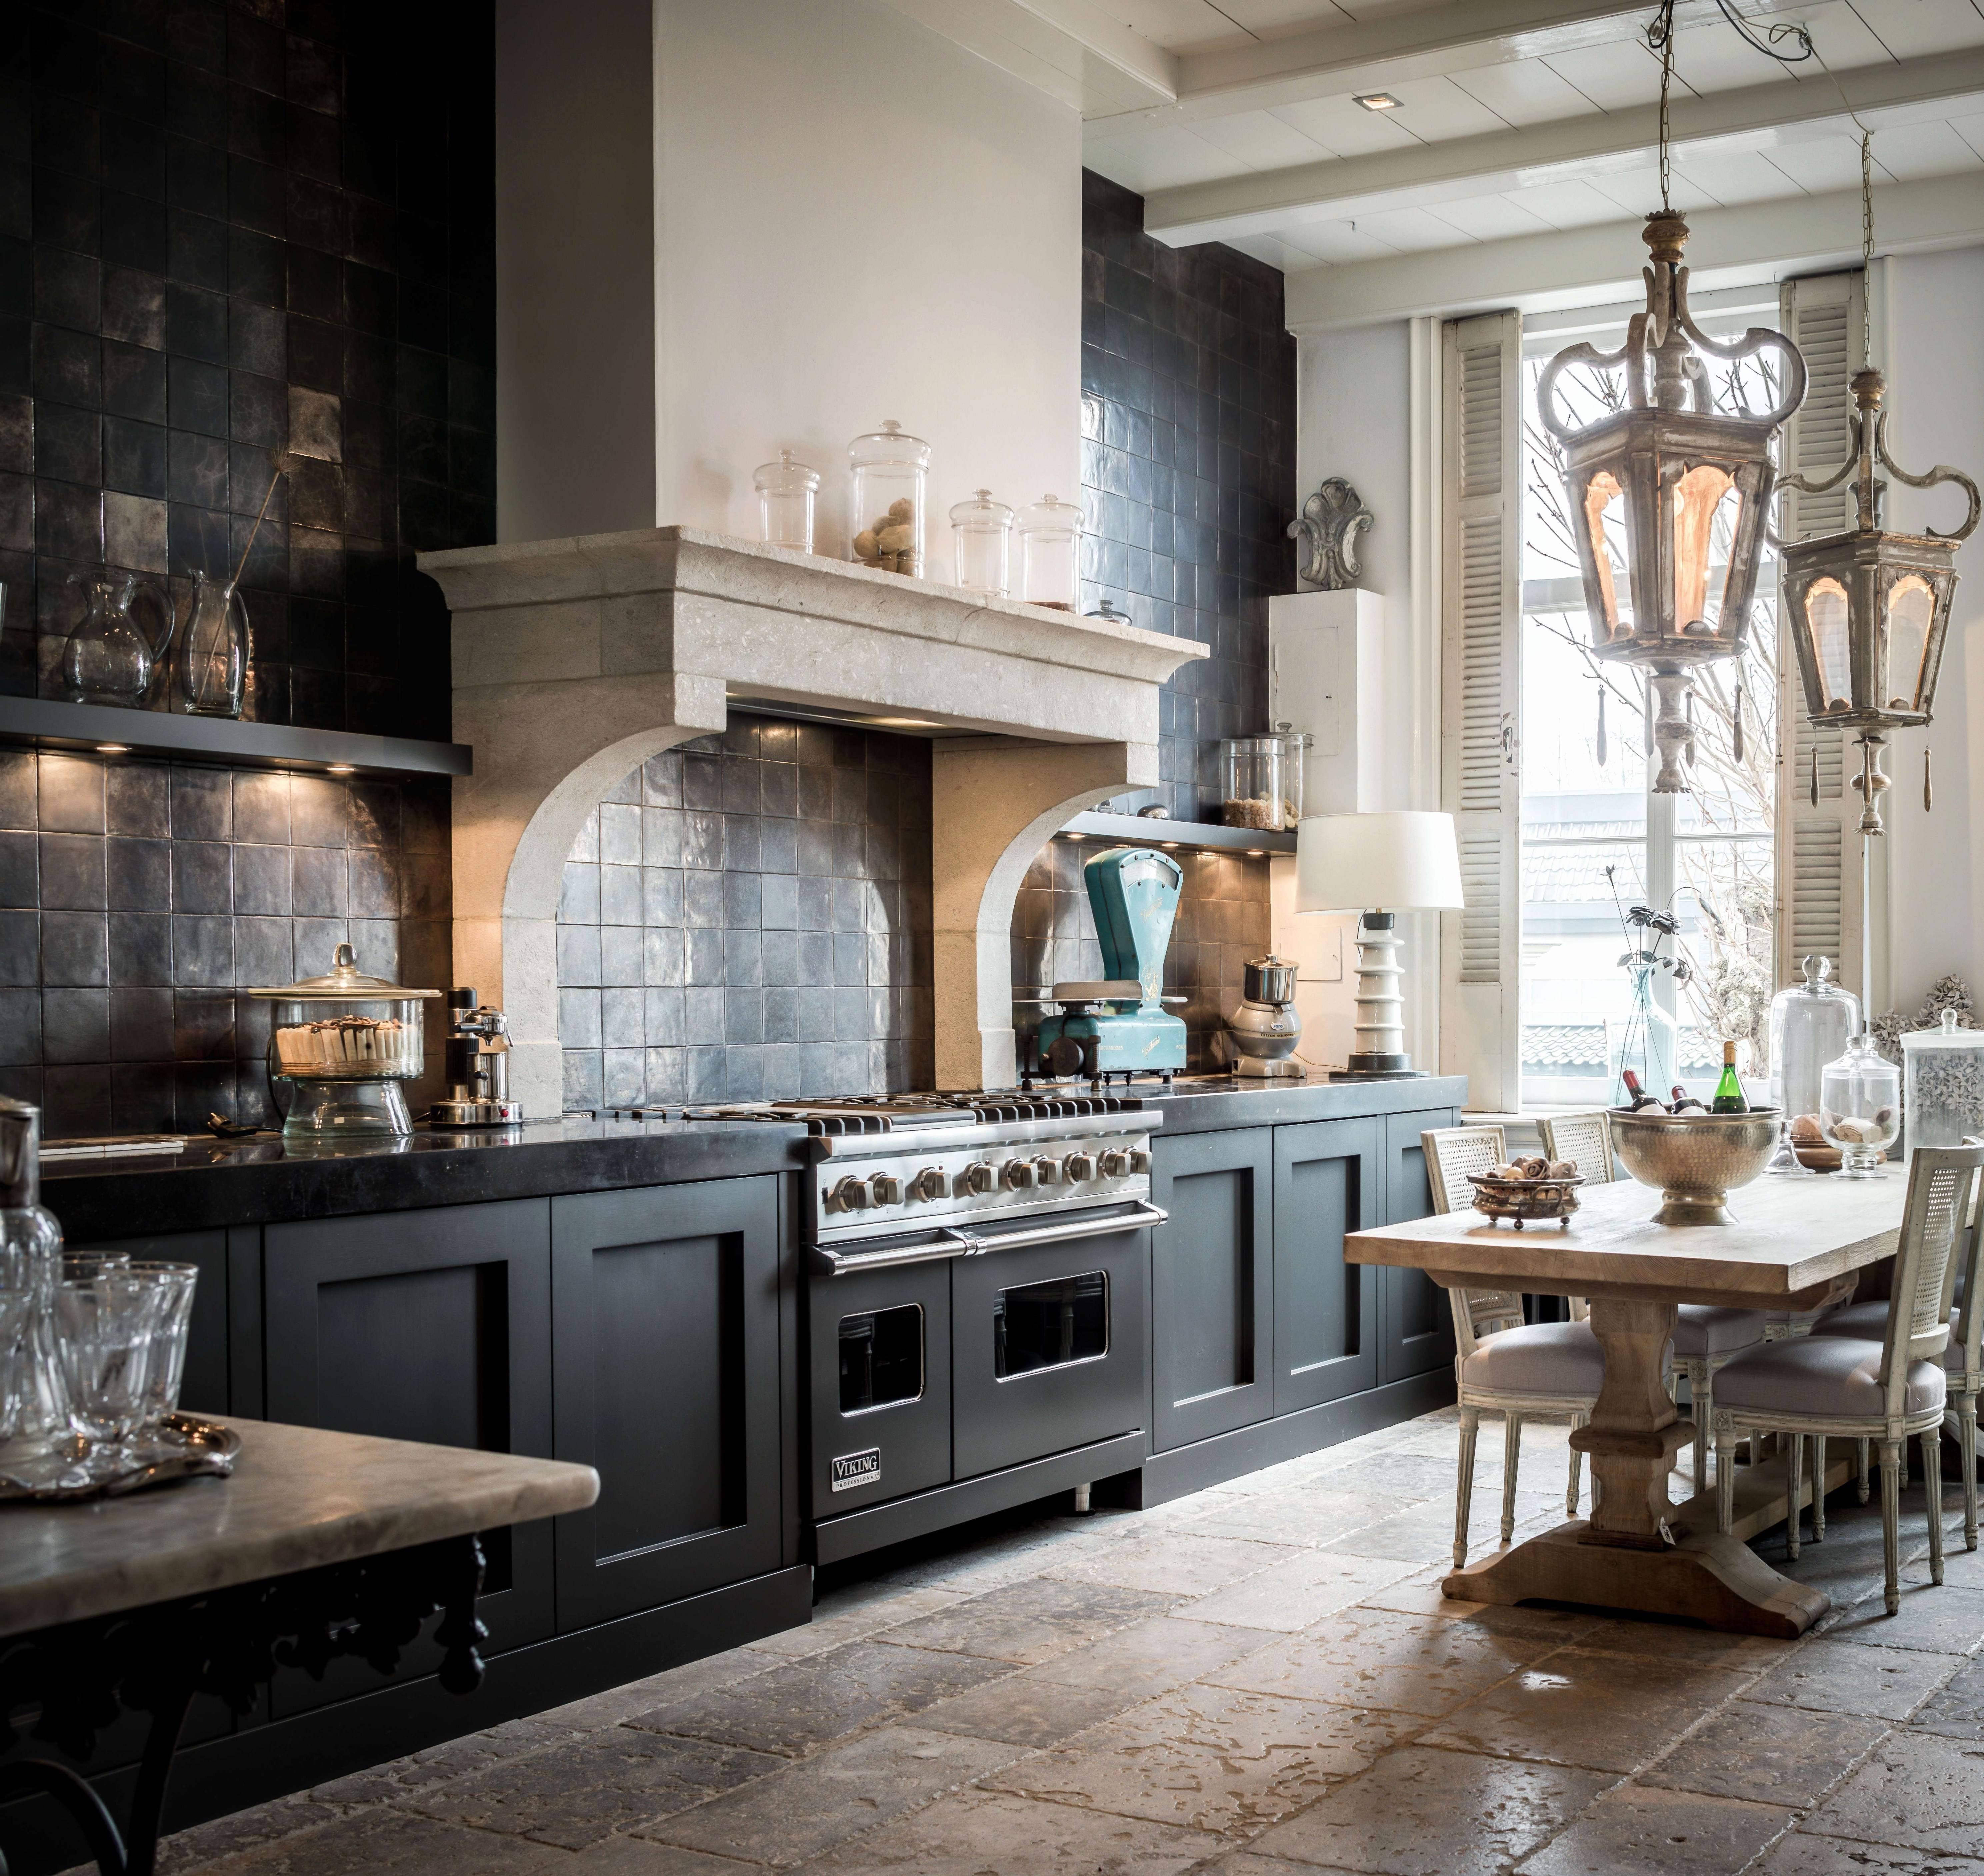 galley kitchen designs elegant small galley kitchen ideas good looking narrow galley kitchen of galley kitchen designs